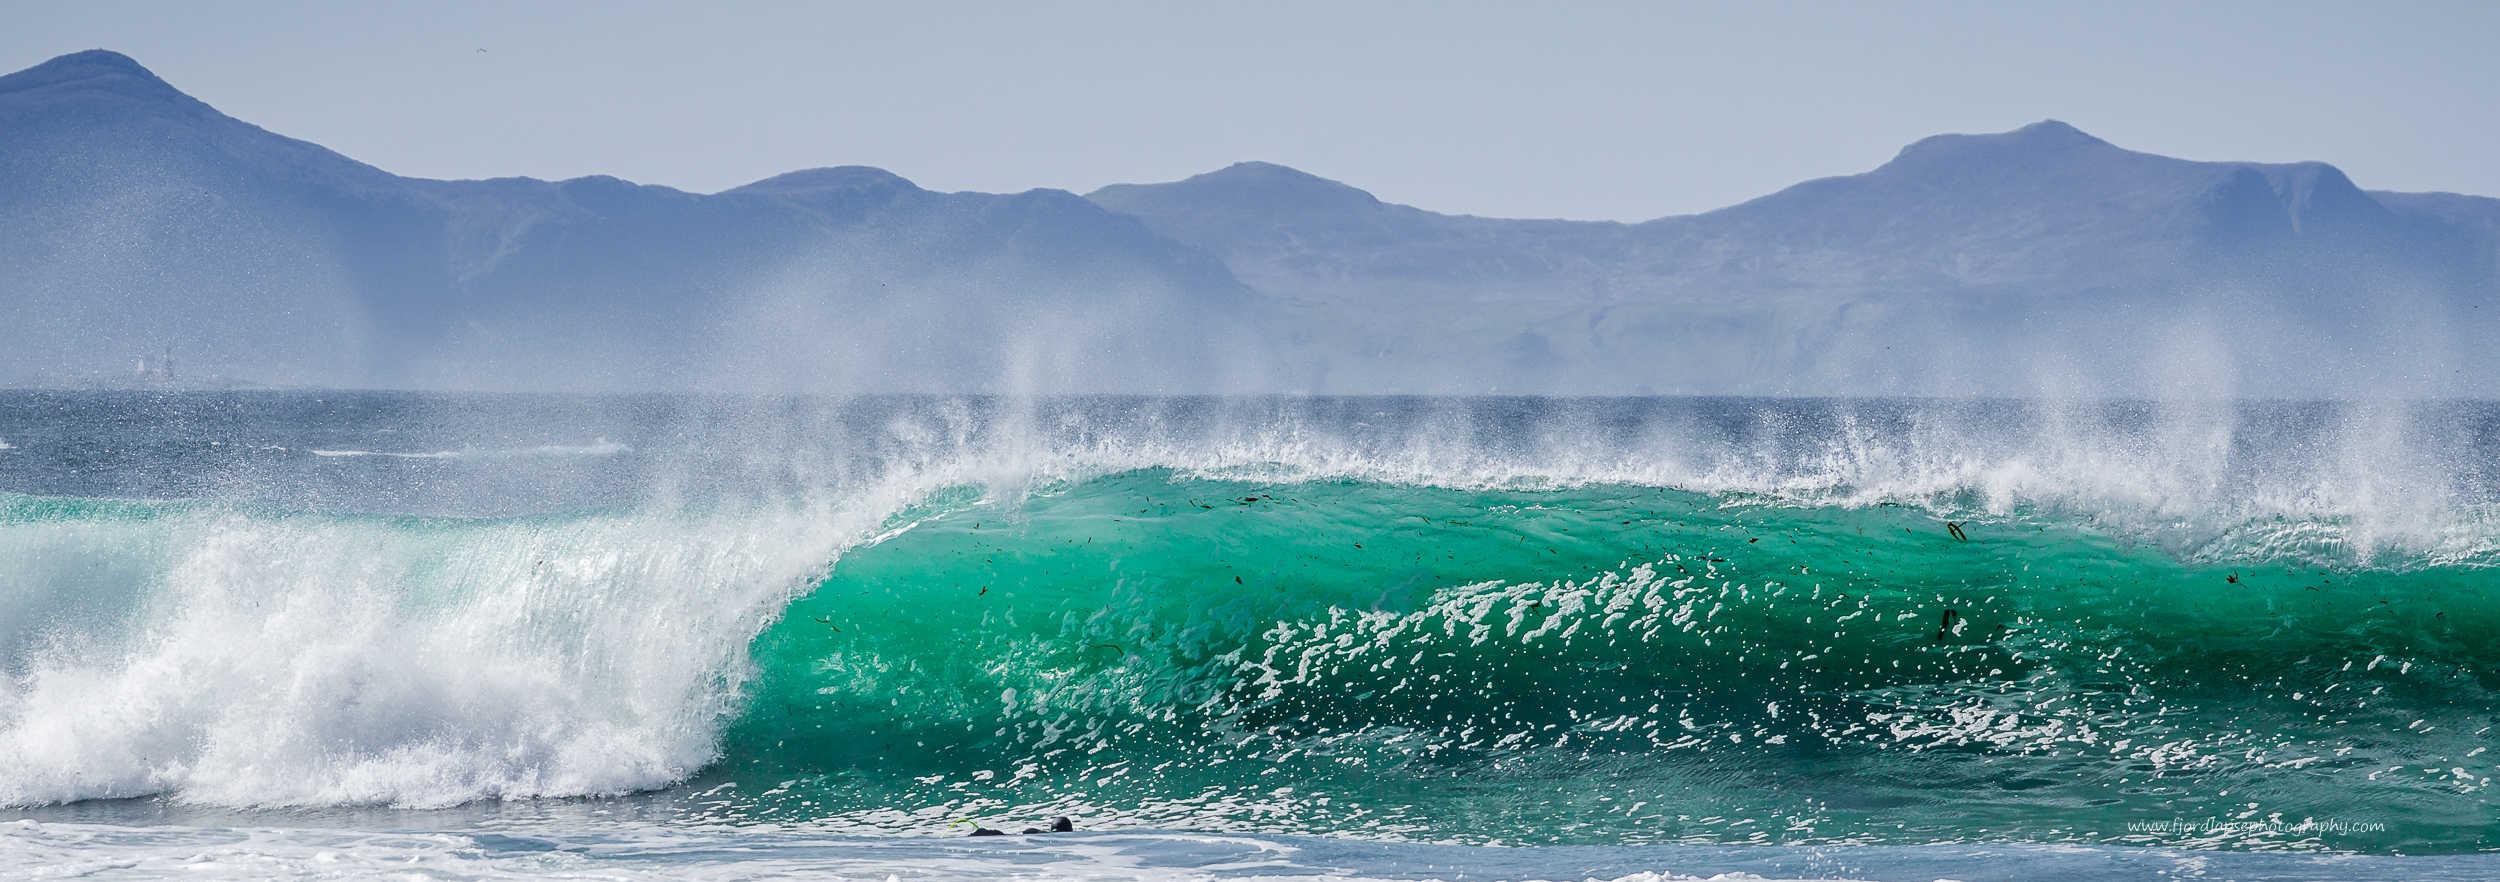 Surfer padler ut mot stor bølge.